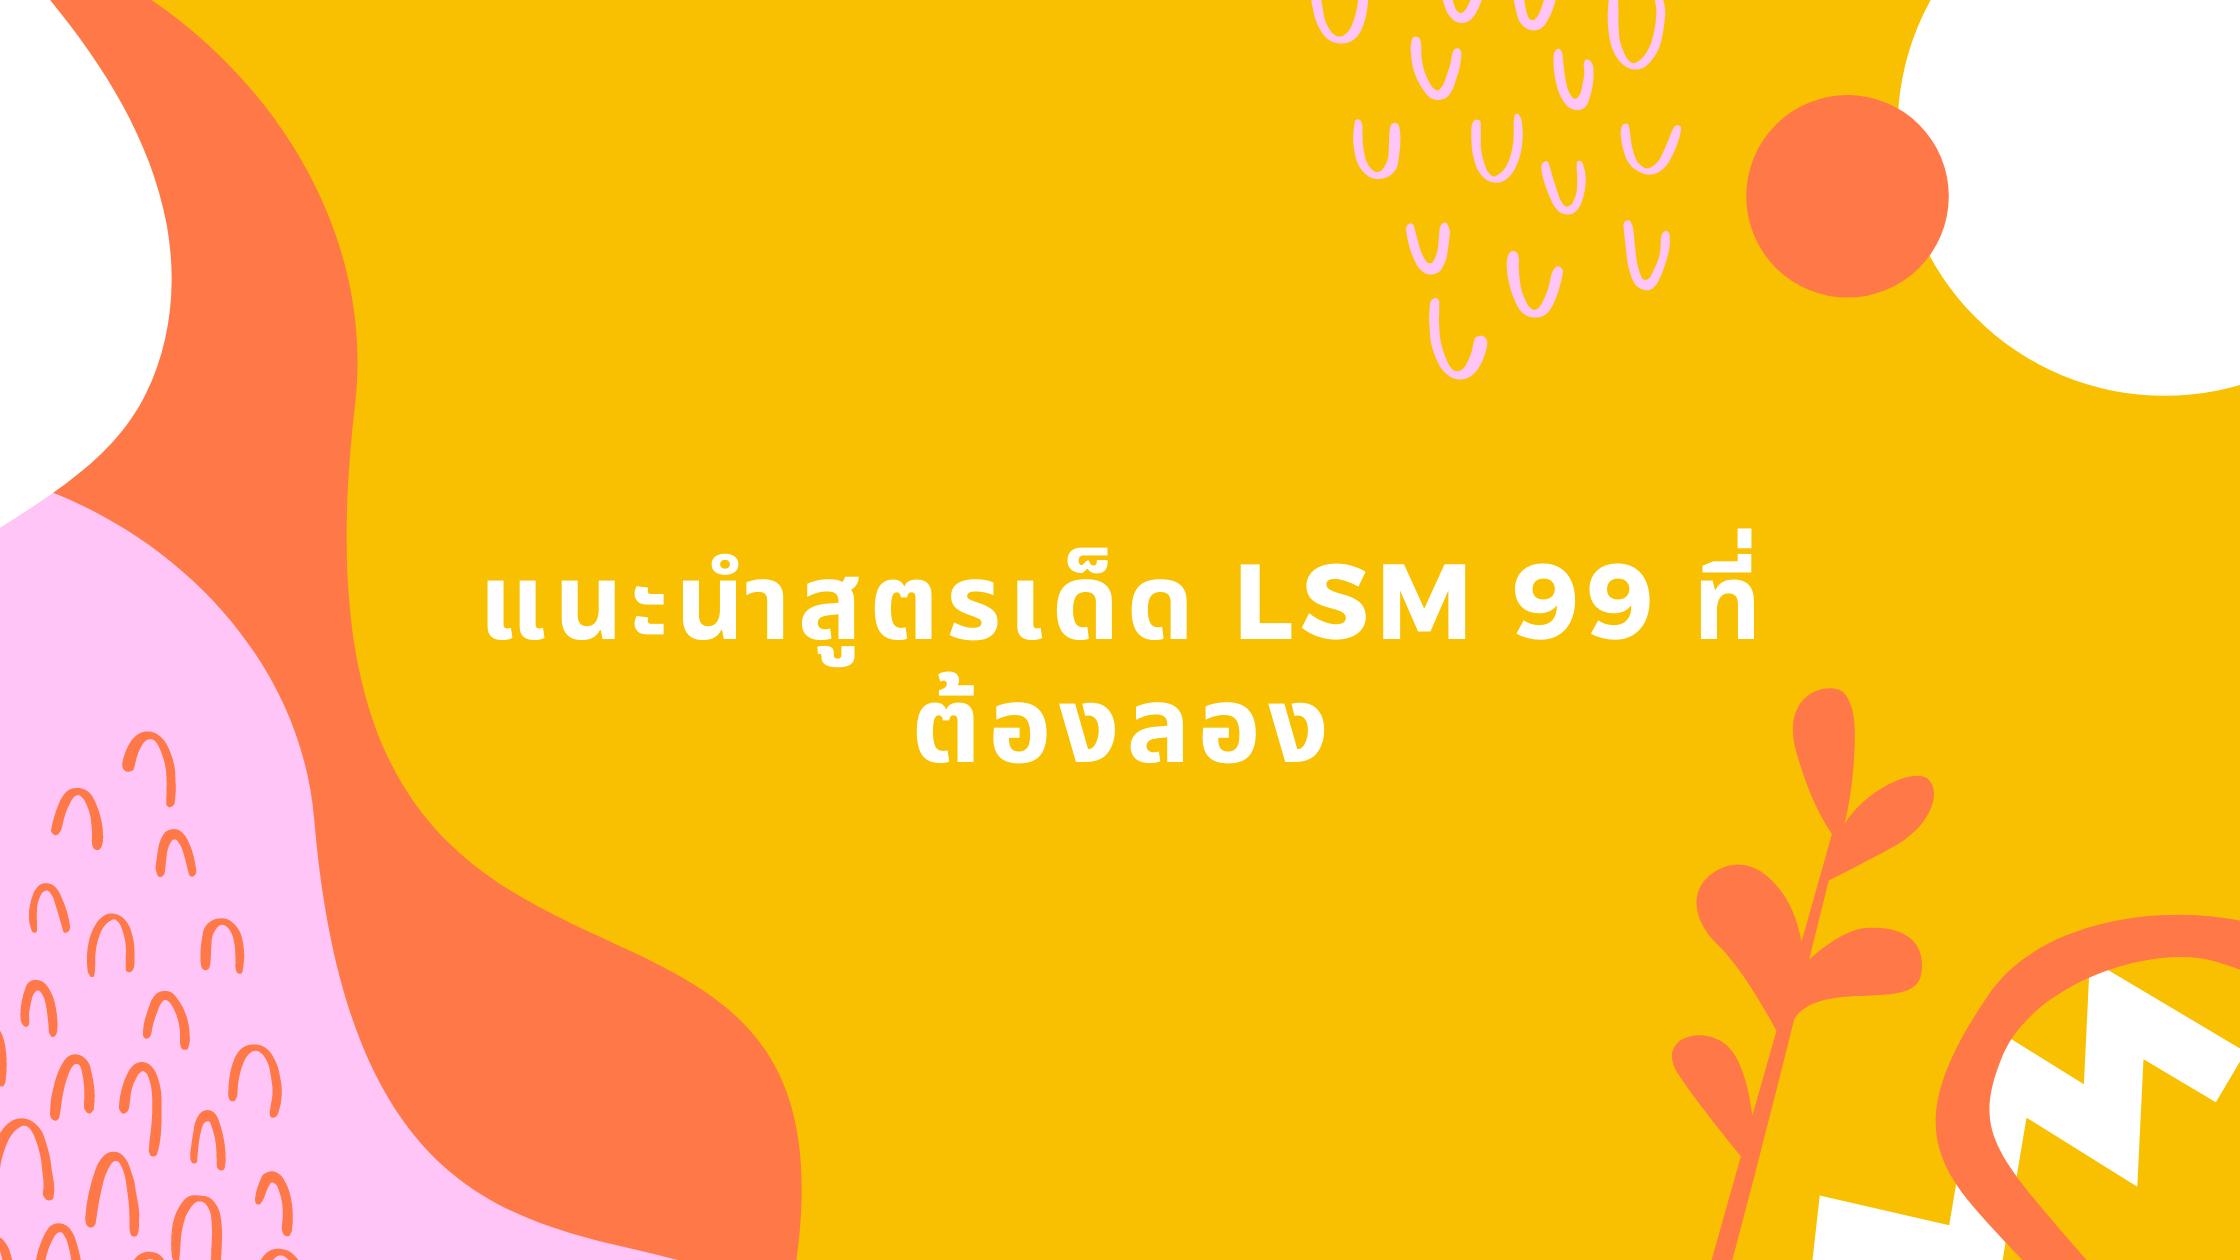 แนะนำสูตรเด็ด lsm 99 ที่ต้องลอง